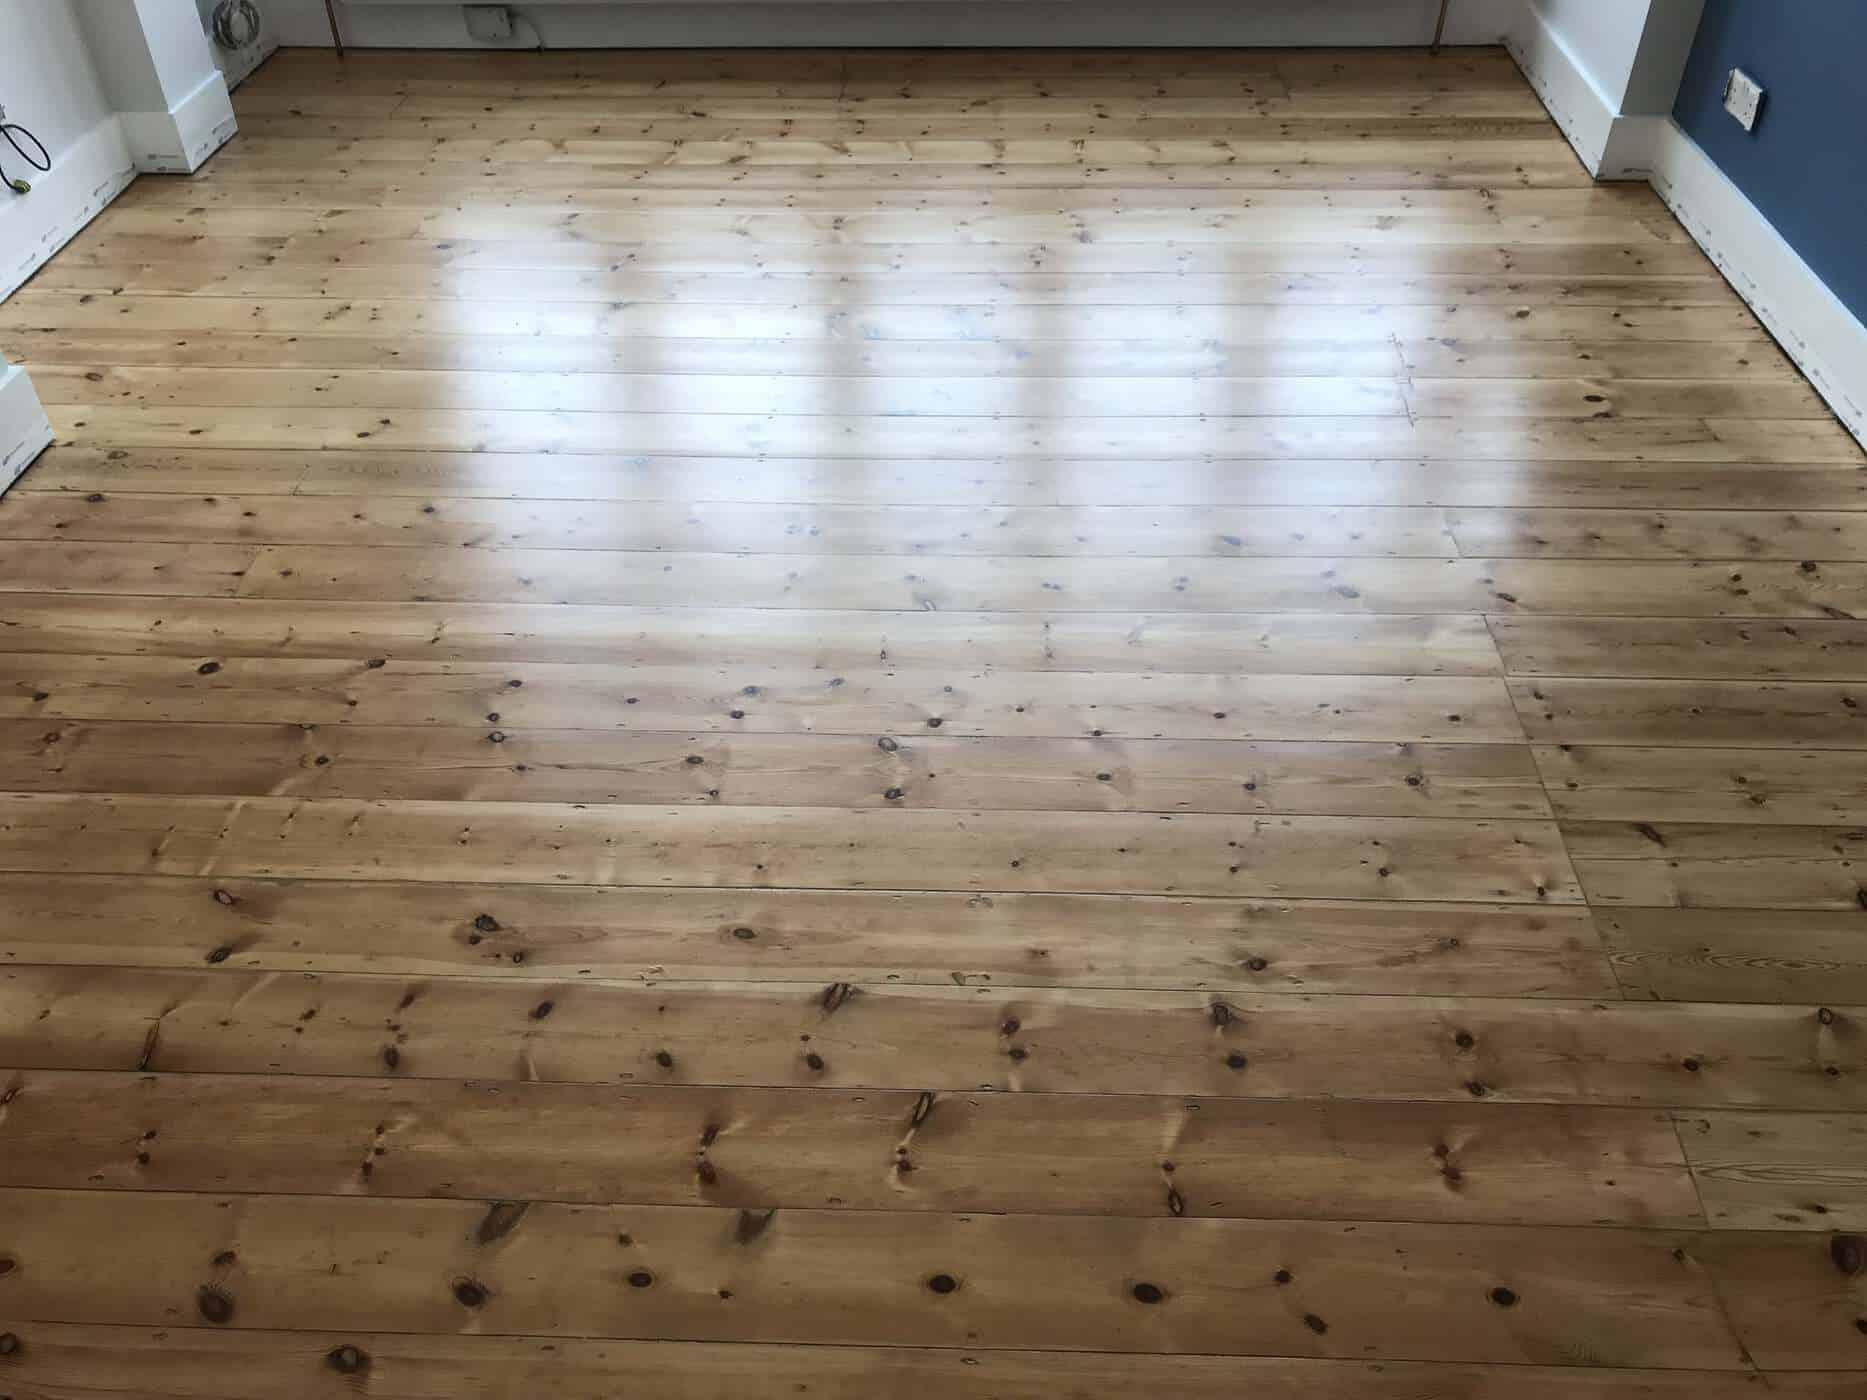 Bexley-Floor-Sanding-Services-After